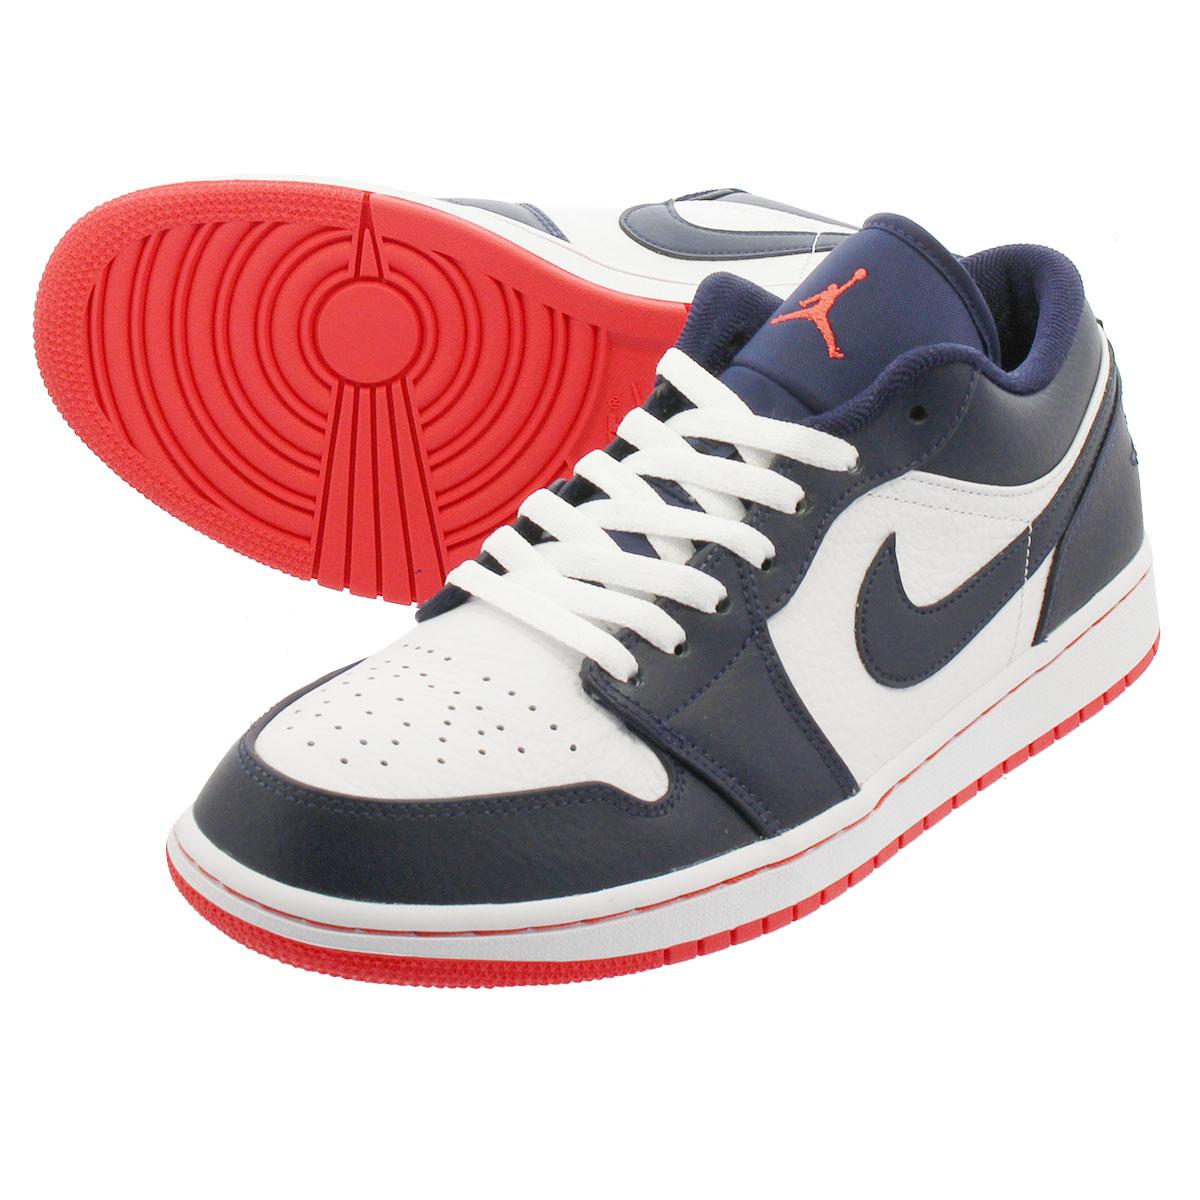 sale retailer e42b9 81936 NIKE AIR JORDAN1 LOW Nike Air Jordan 1 nostalgic low OBSIDIAN EMBER  GLOW WHITE 553,558-481